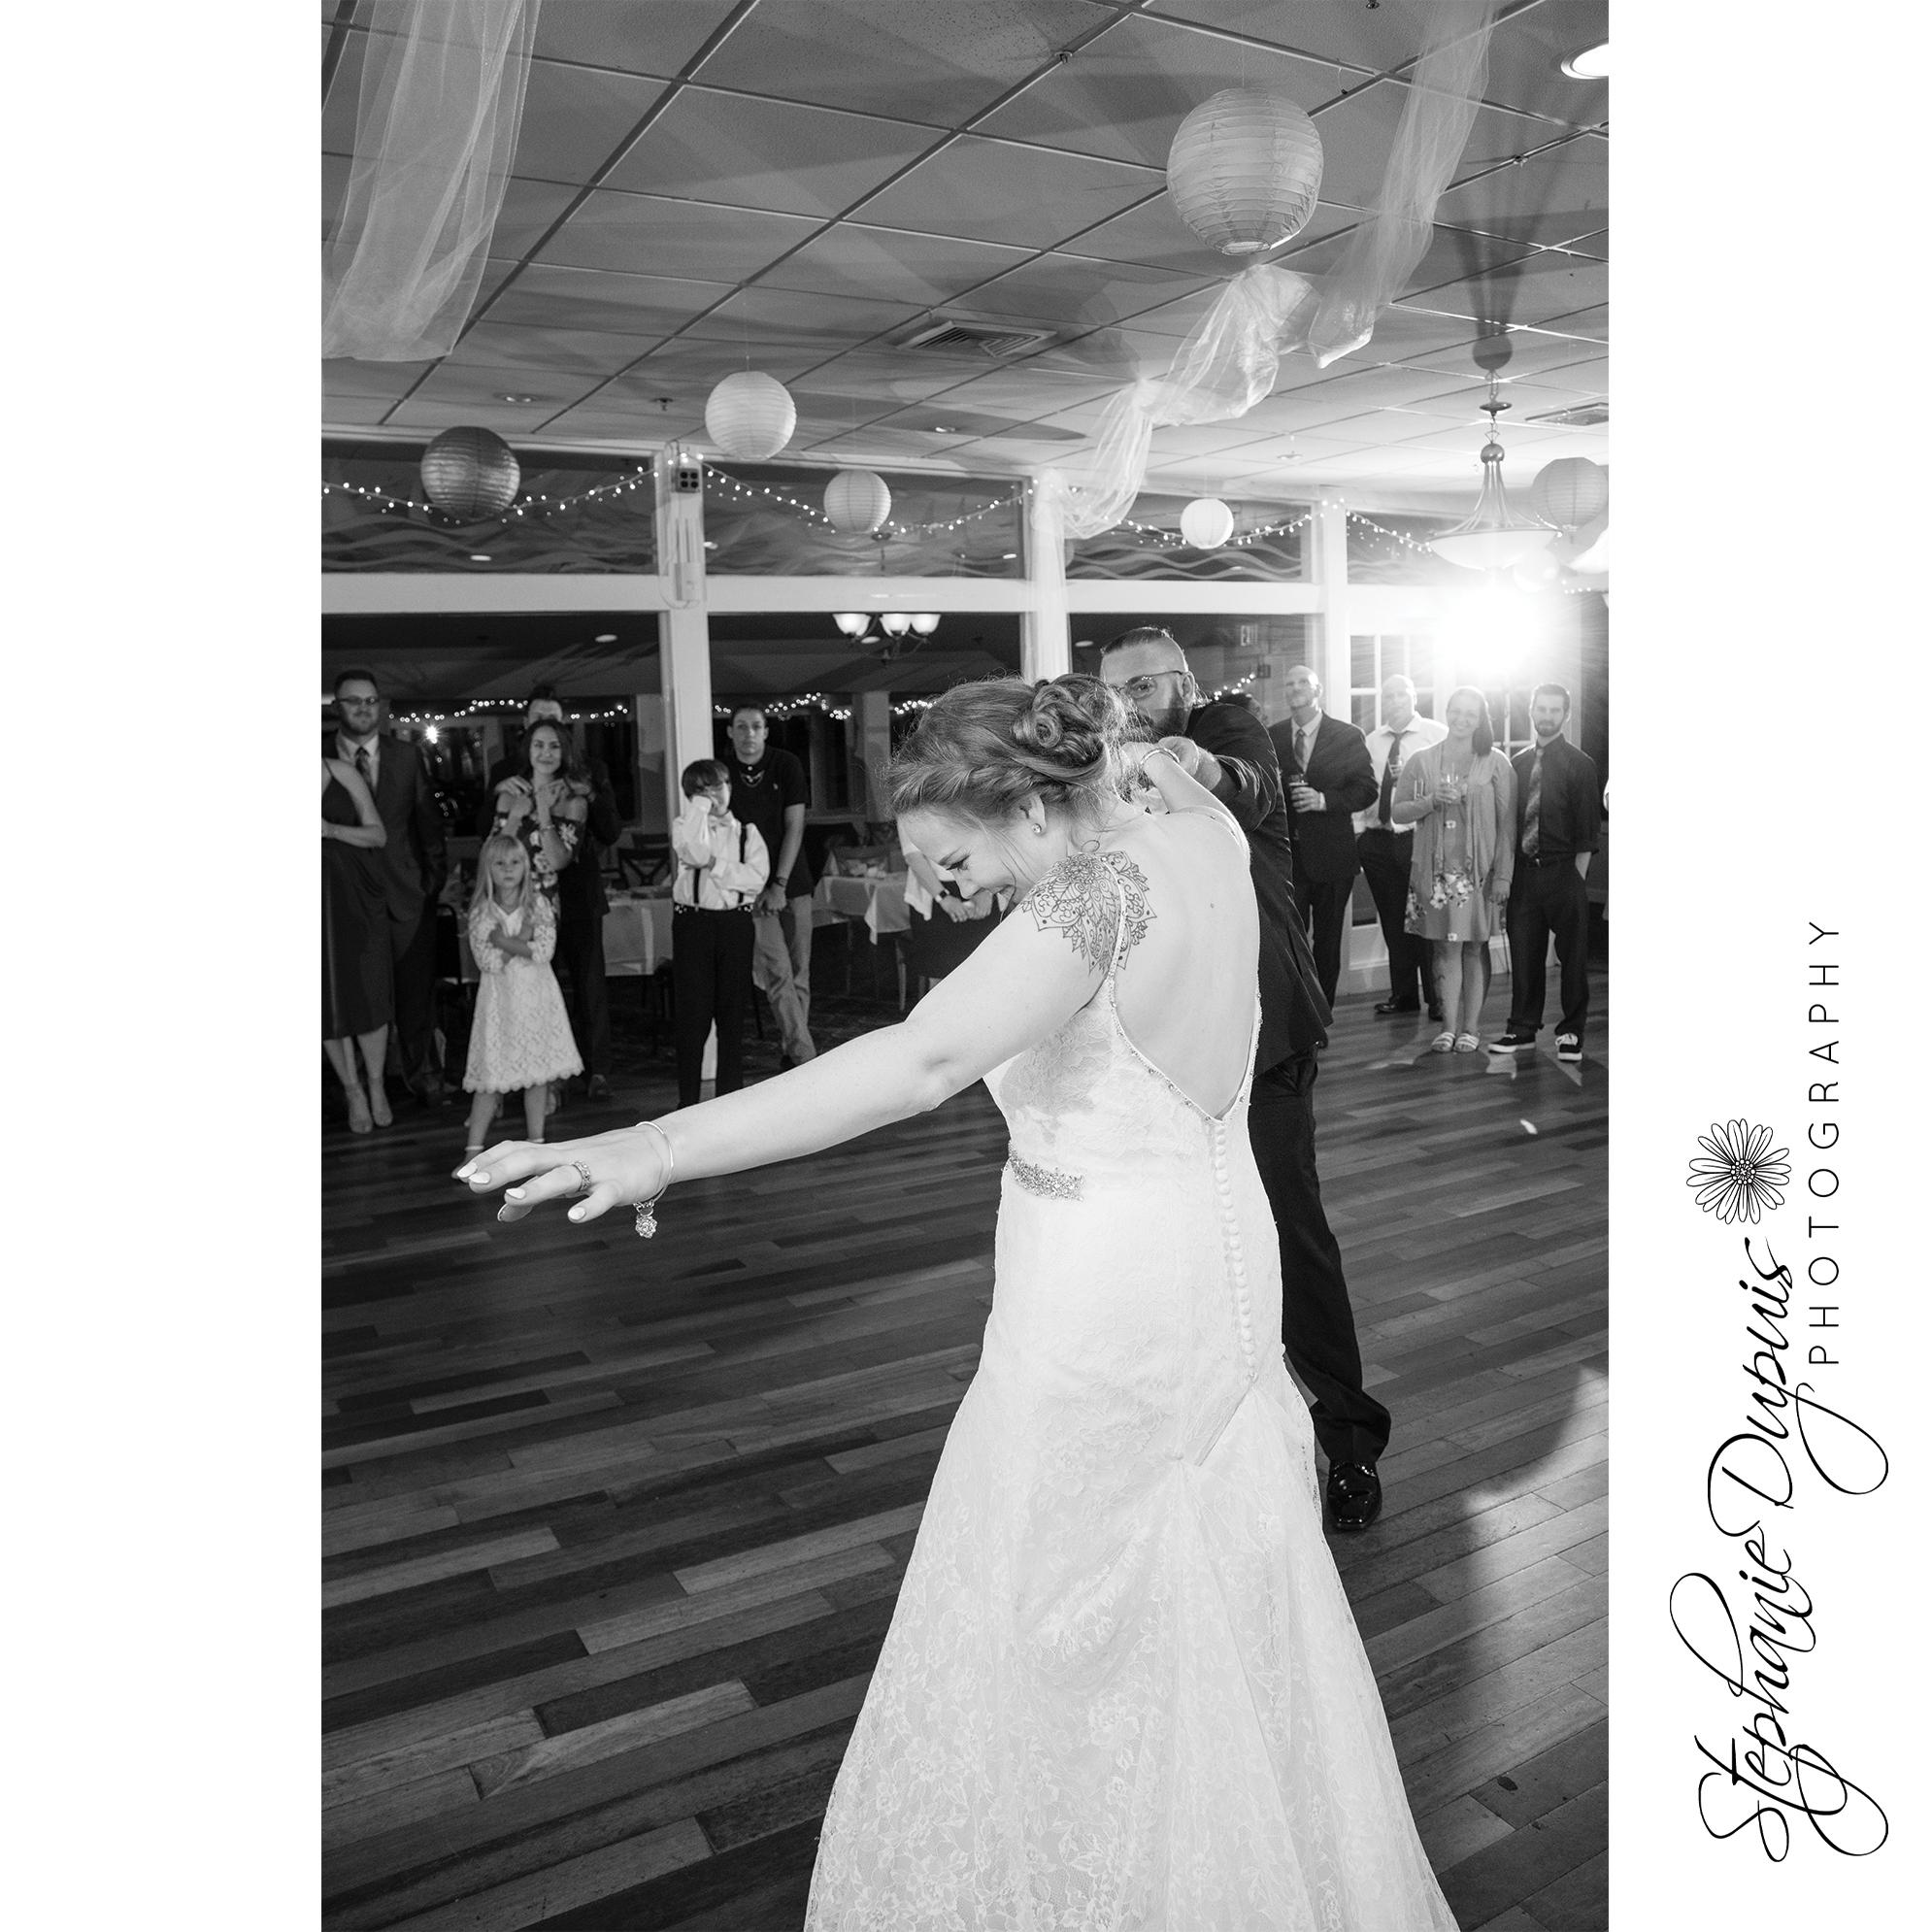 Gaffney 34 - Portfolio: Gaffney Wedding